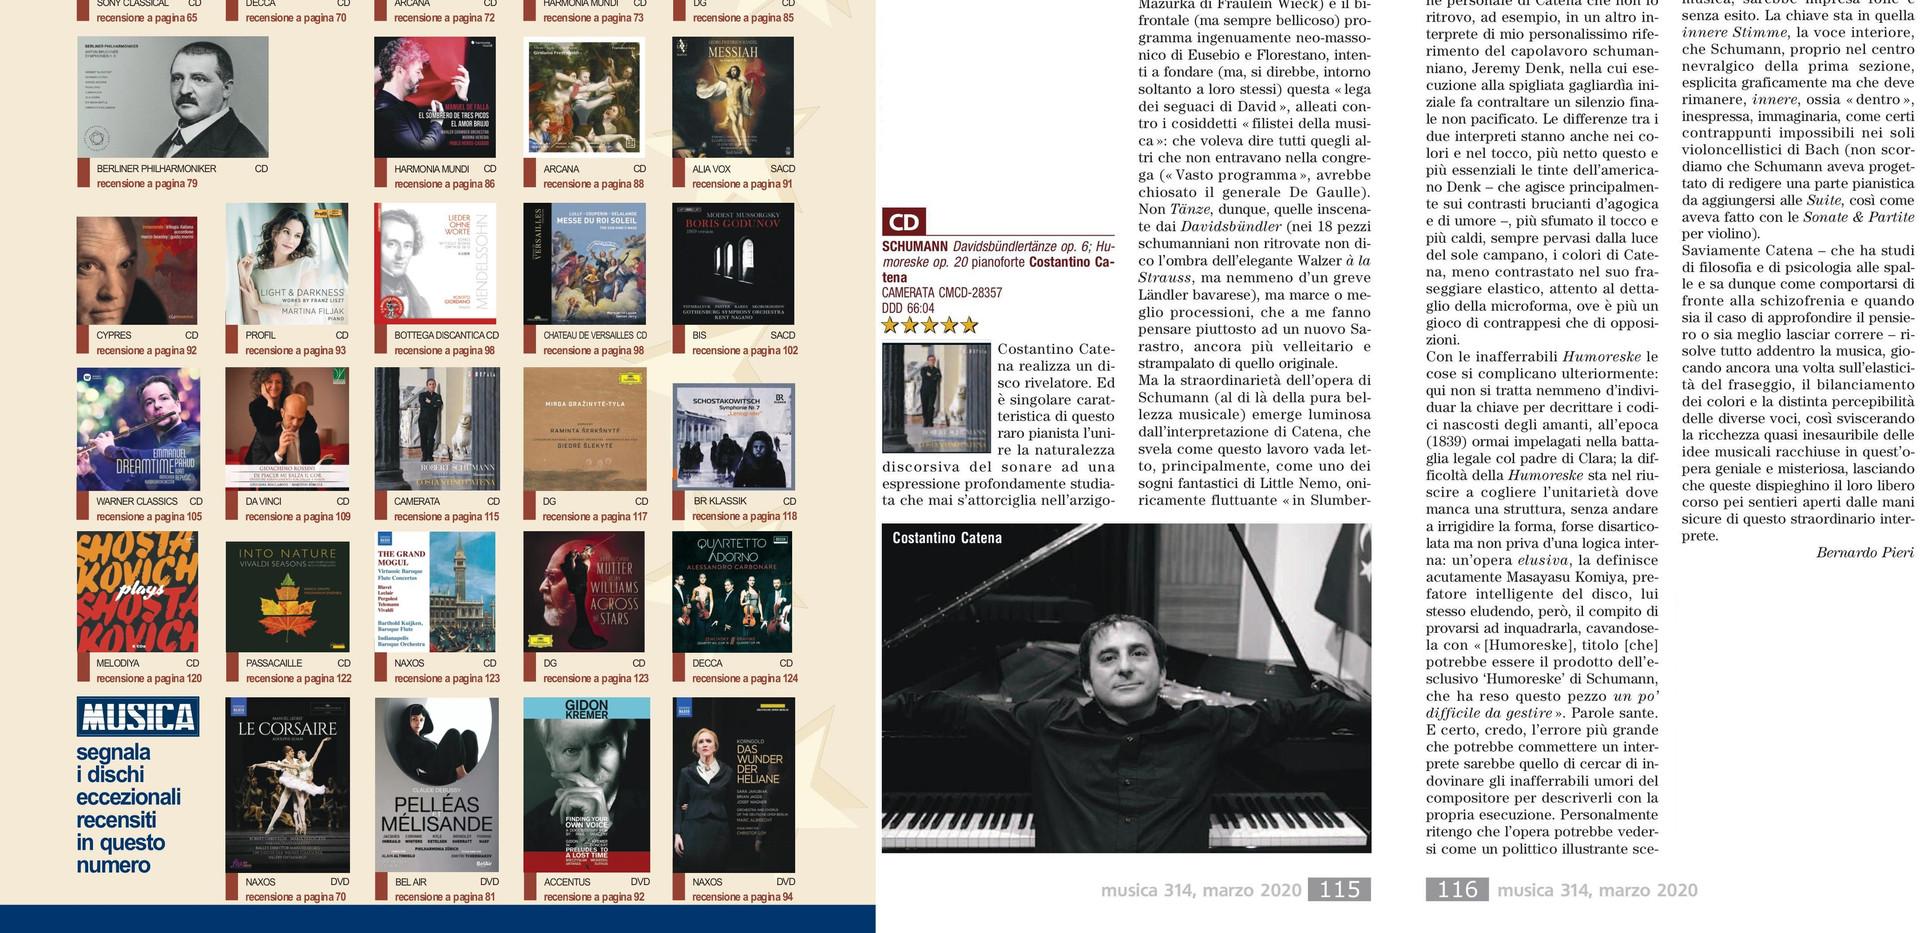 recensione MUSICA Schumann marzo 2020